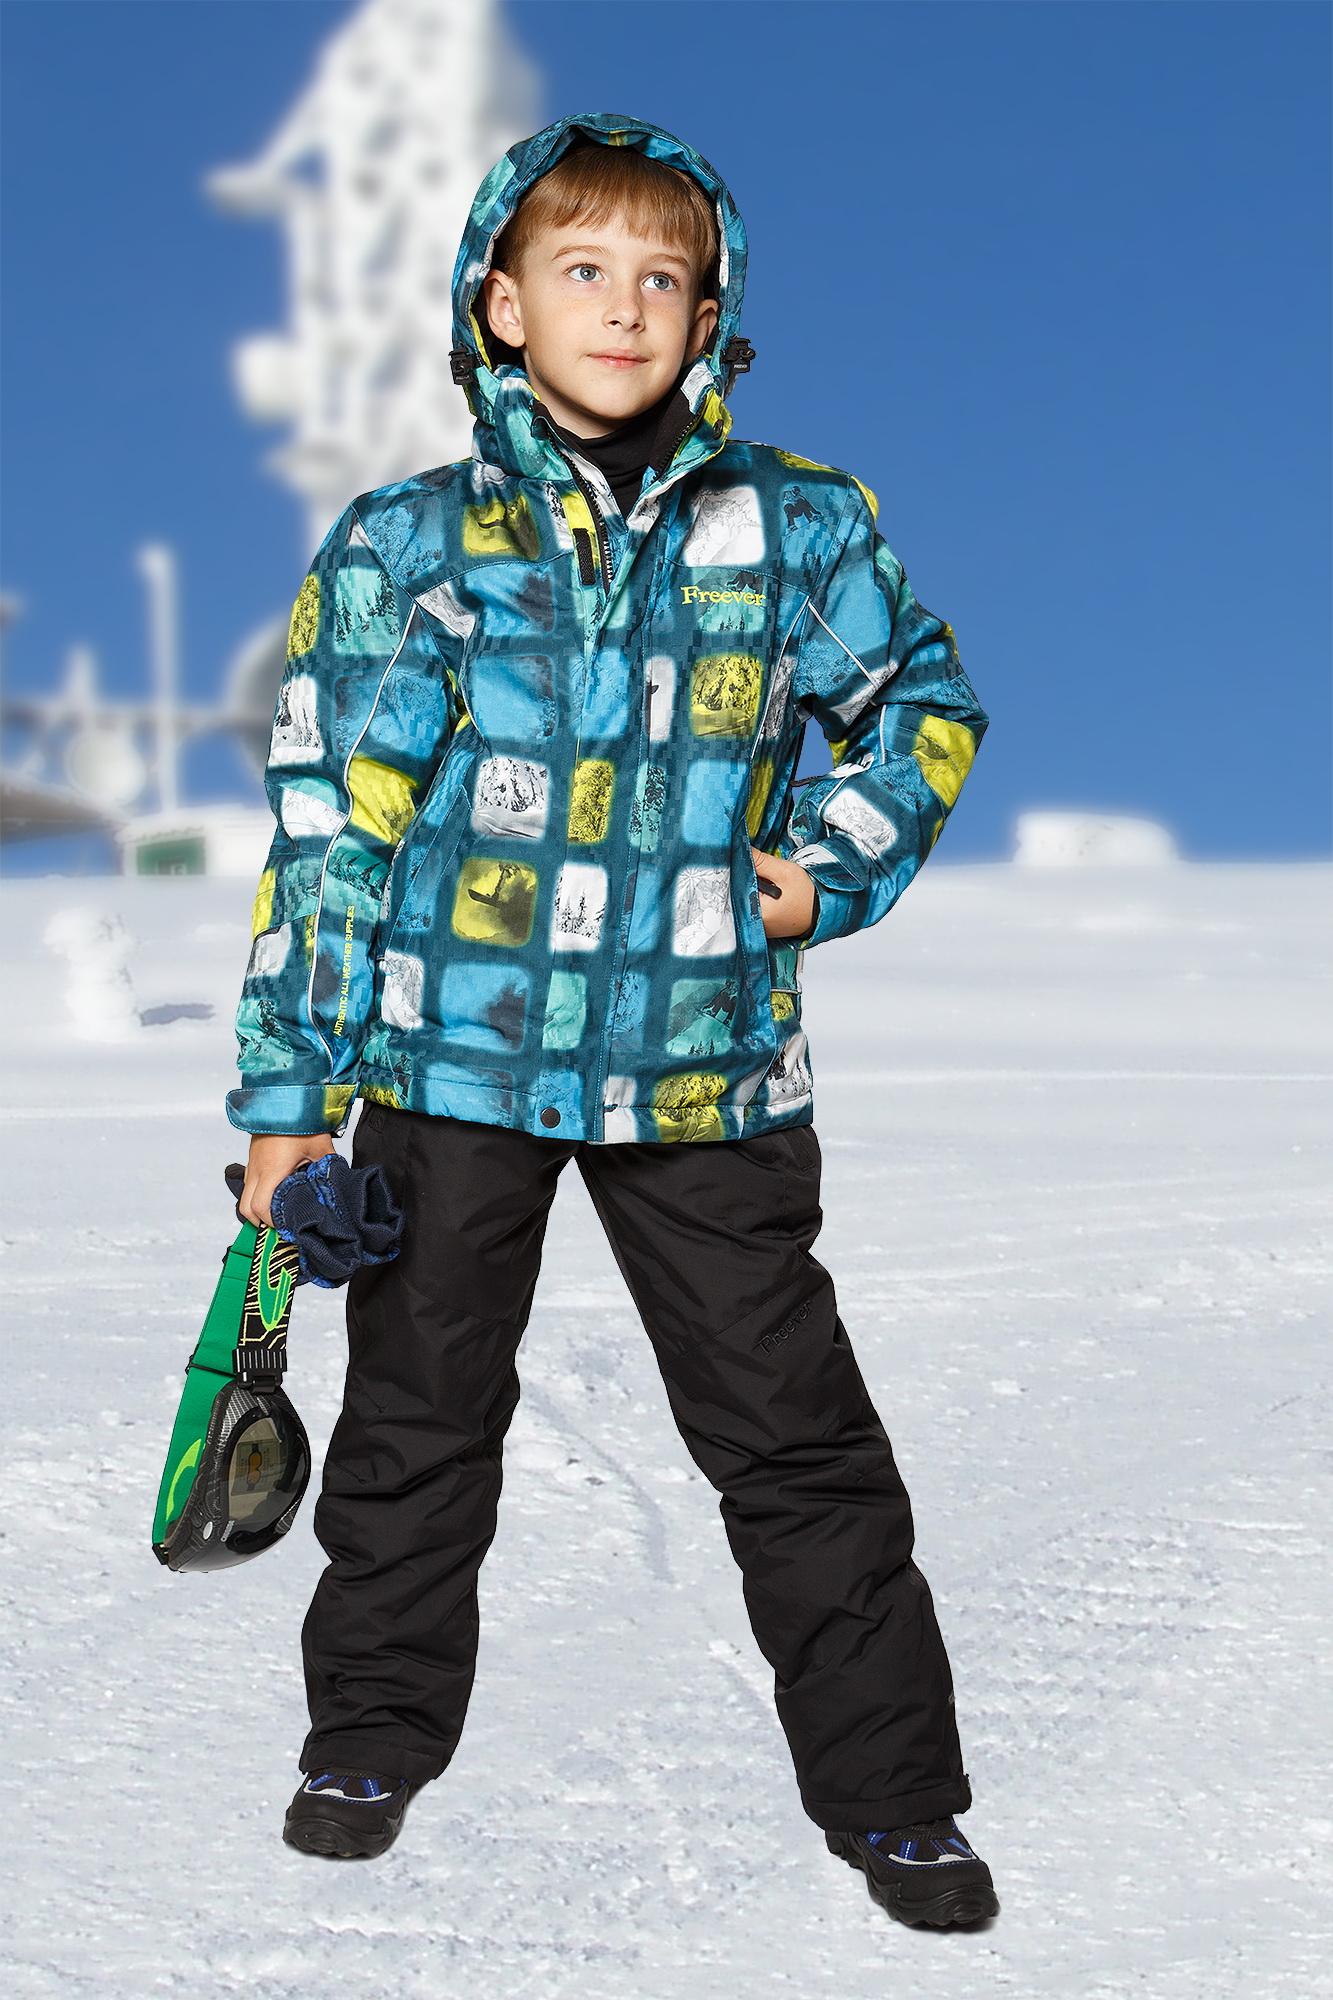 b1f9fbede1fe Детские горнолыжные костюмы купить в Киеве, Украина. Детский лыжный ...